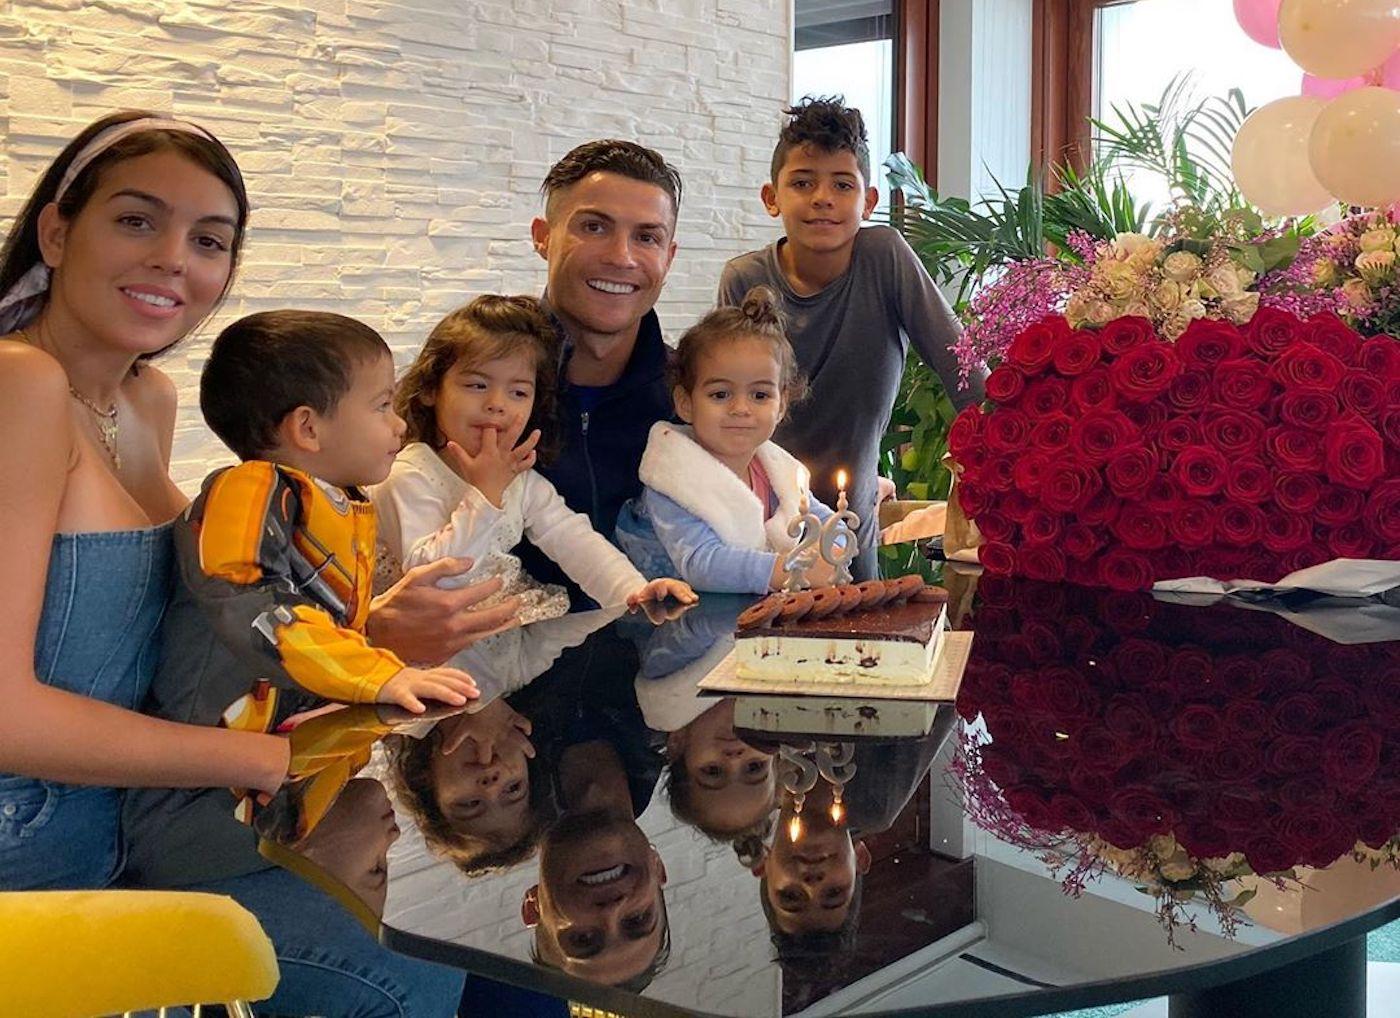 Georgina Rodriguez Cristiano Ronaldo Filhos Casa Cristiano Ronaldo Forçado A Aumentar Segurança Na Nova Vida Em Itália